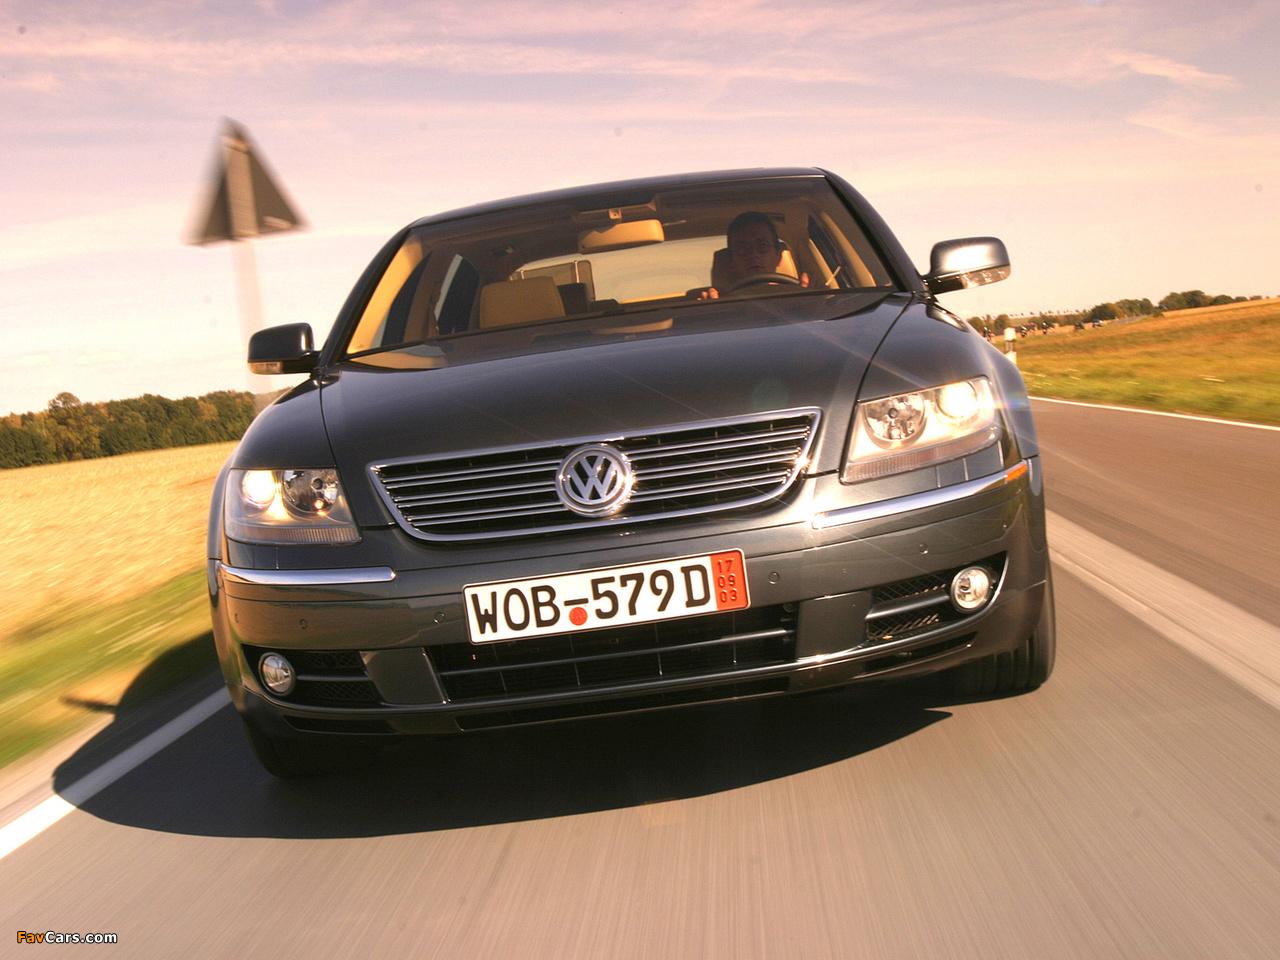 images of volkswagen phaeton w12 us spec 2002 07 1280x960. Black Bedroom Furniture Sets. Home Design Ideas